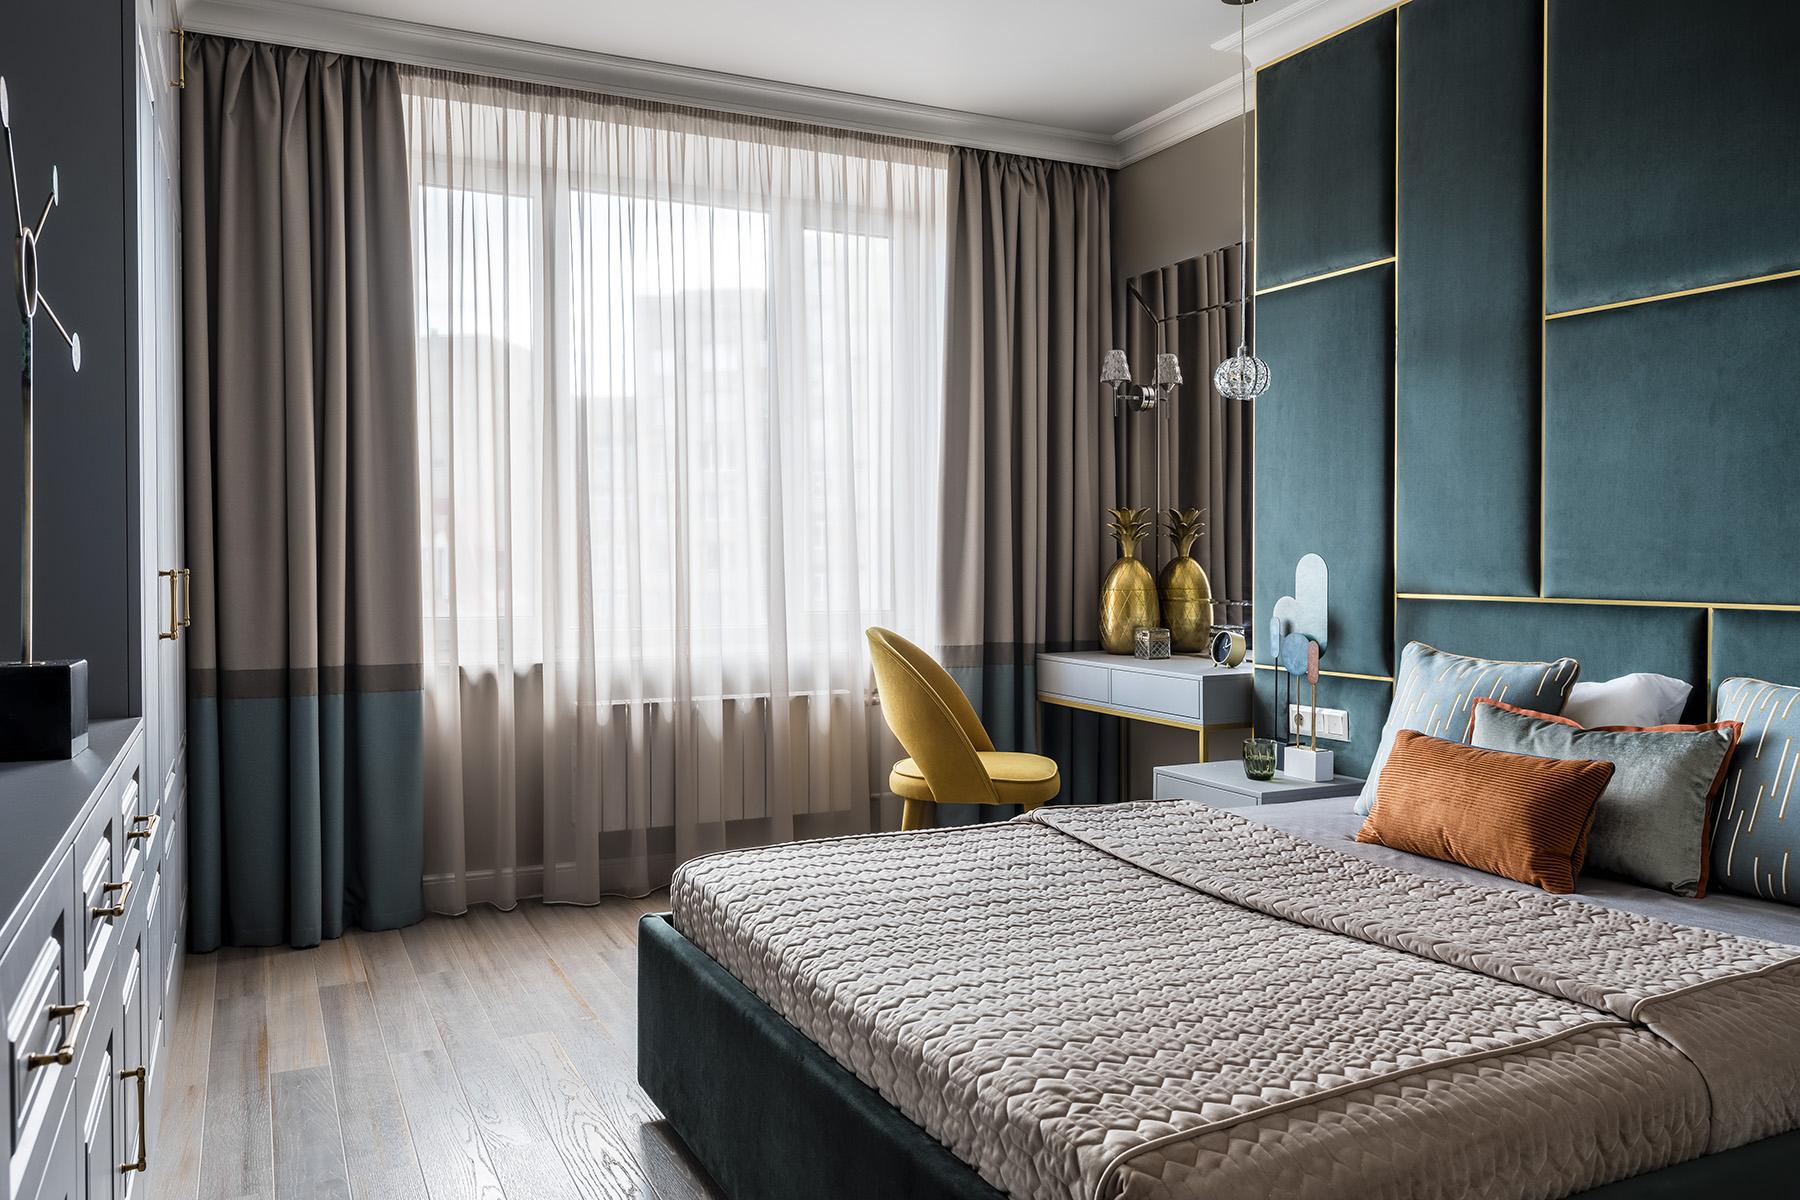 Квартира на Старом Арбате от дизайнера Светланы Карповой